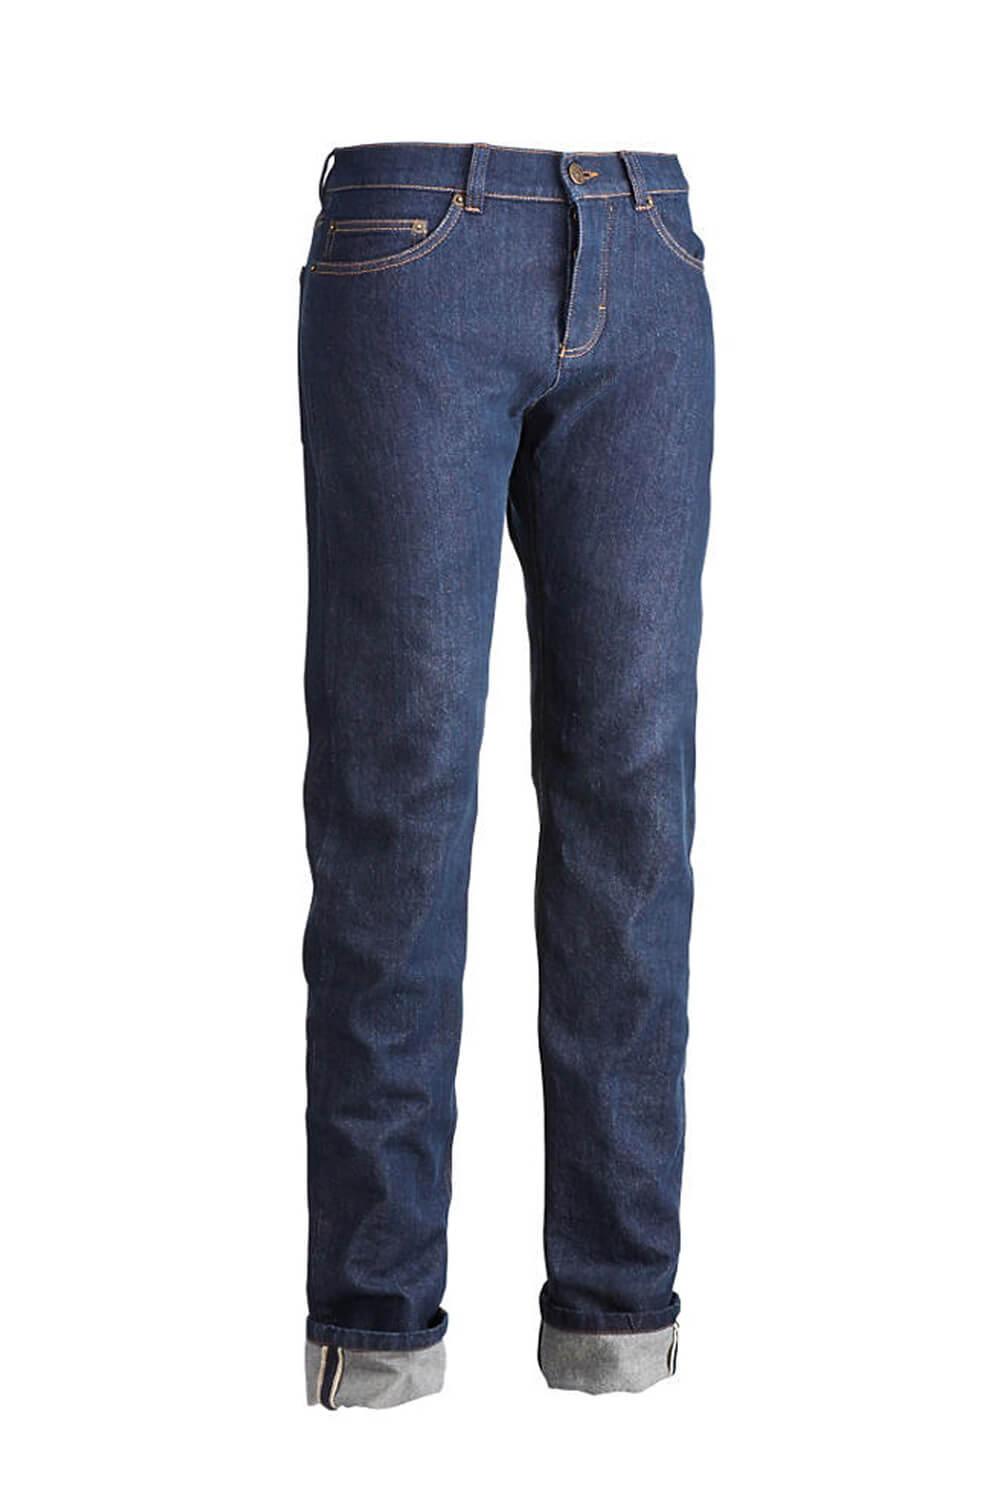 hessnatur-denim-allover-selvedge-jeans-natural indigo